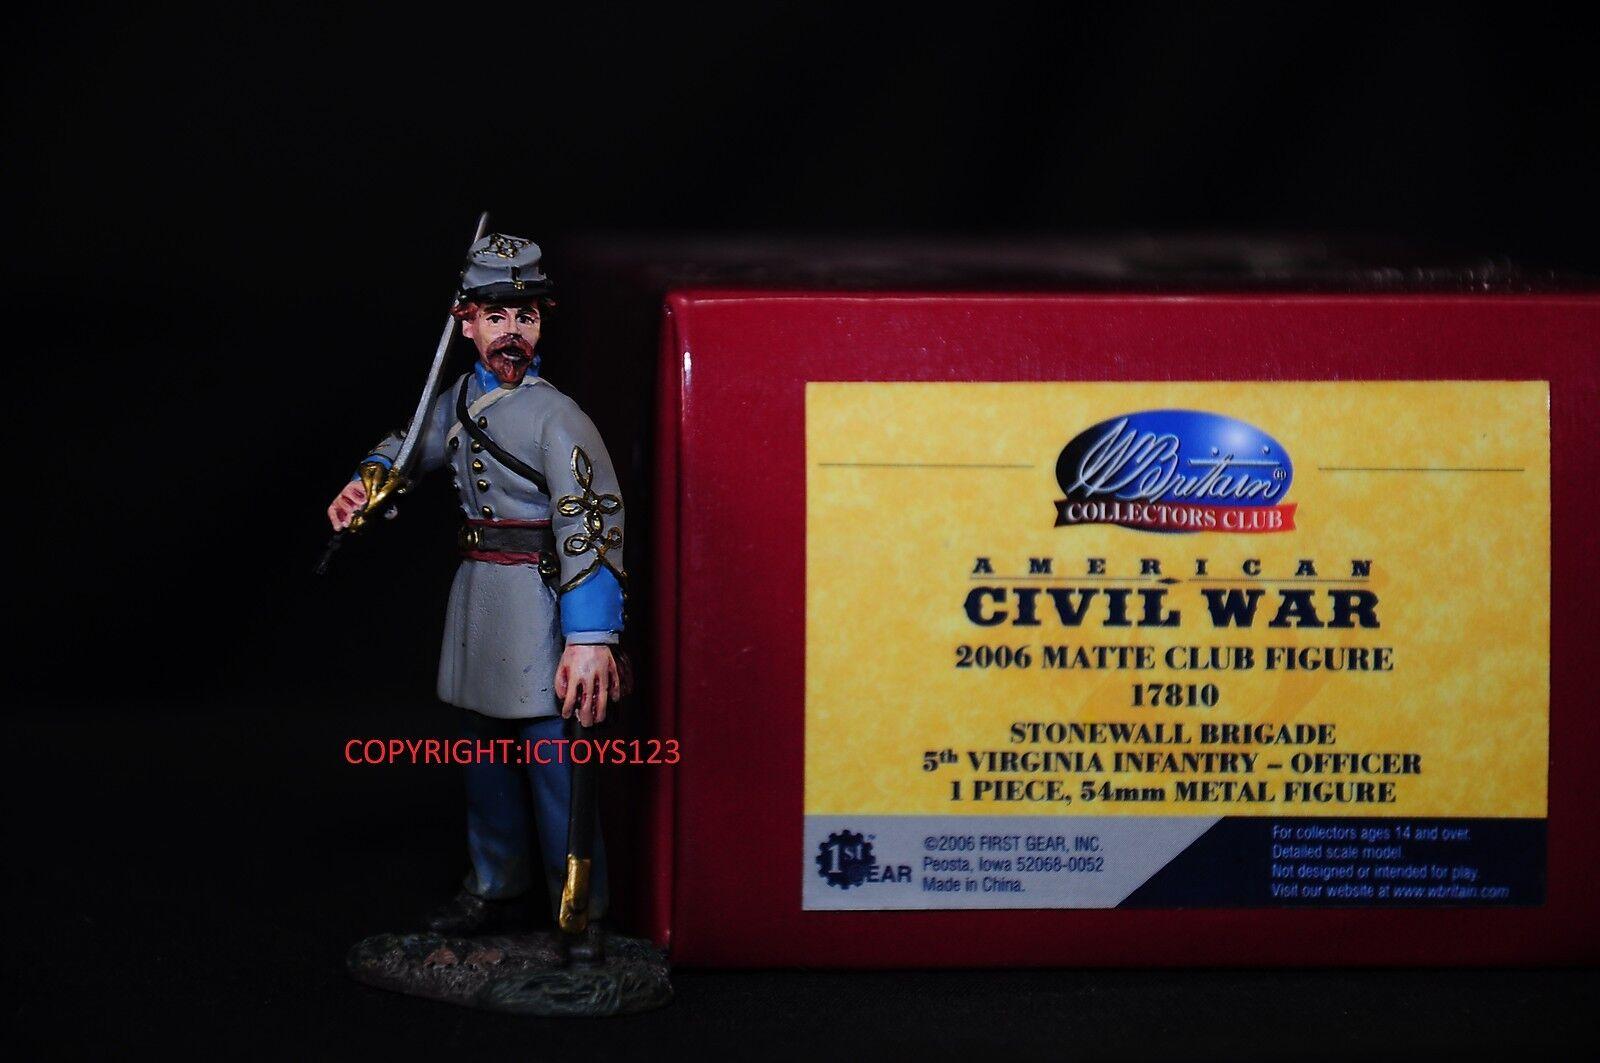 BRITAINS 17810 AMERICAN CIVIL WAR 5TH VIRGINIA OFFICER METAL METAL METAL TOY SOLDIER FIGURE 22beb1